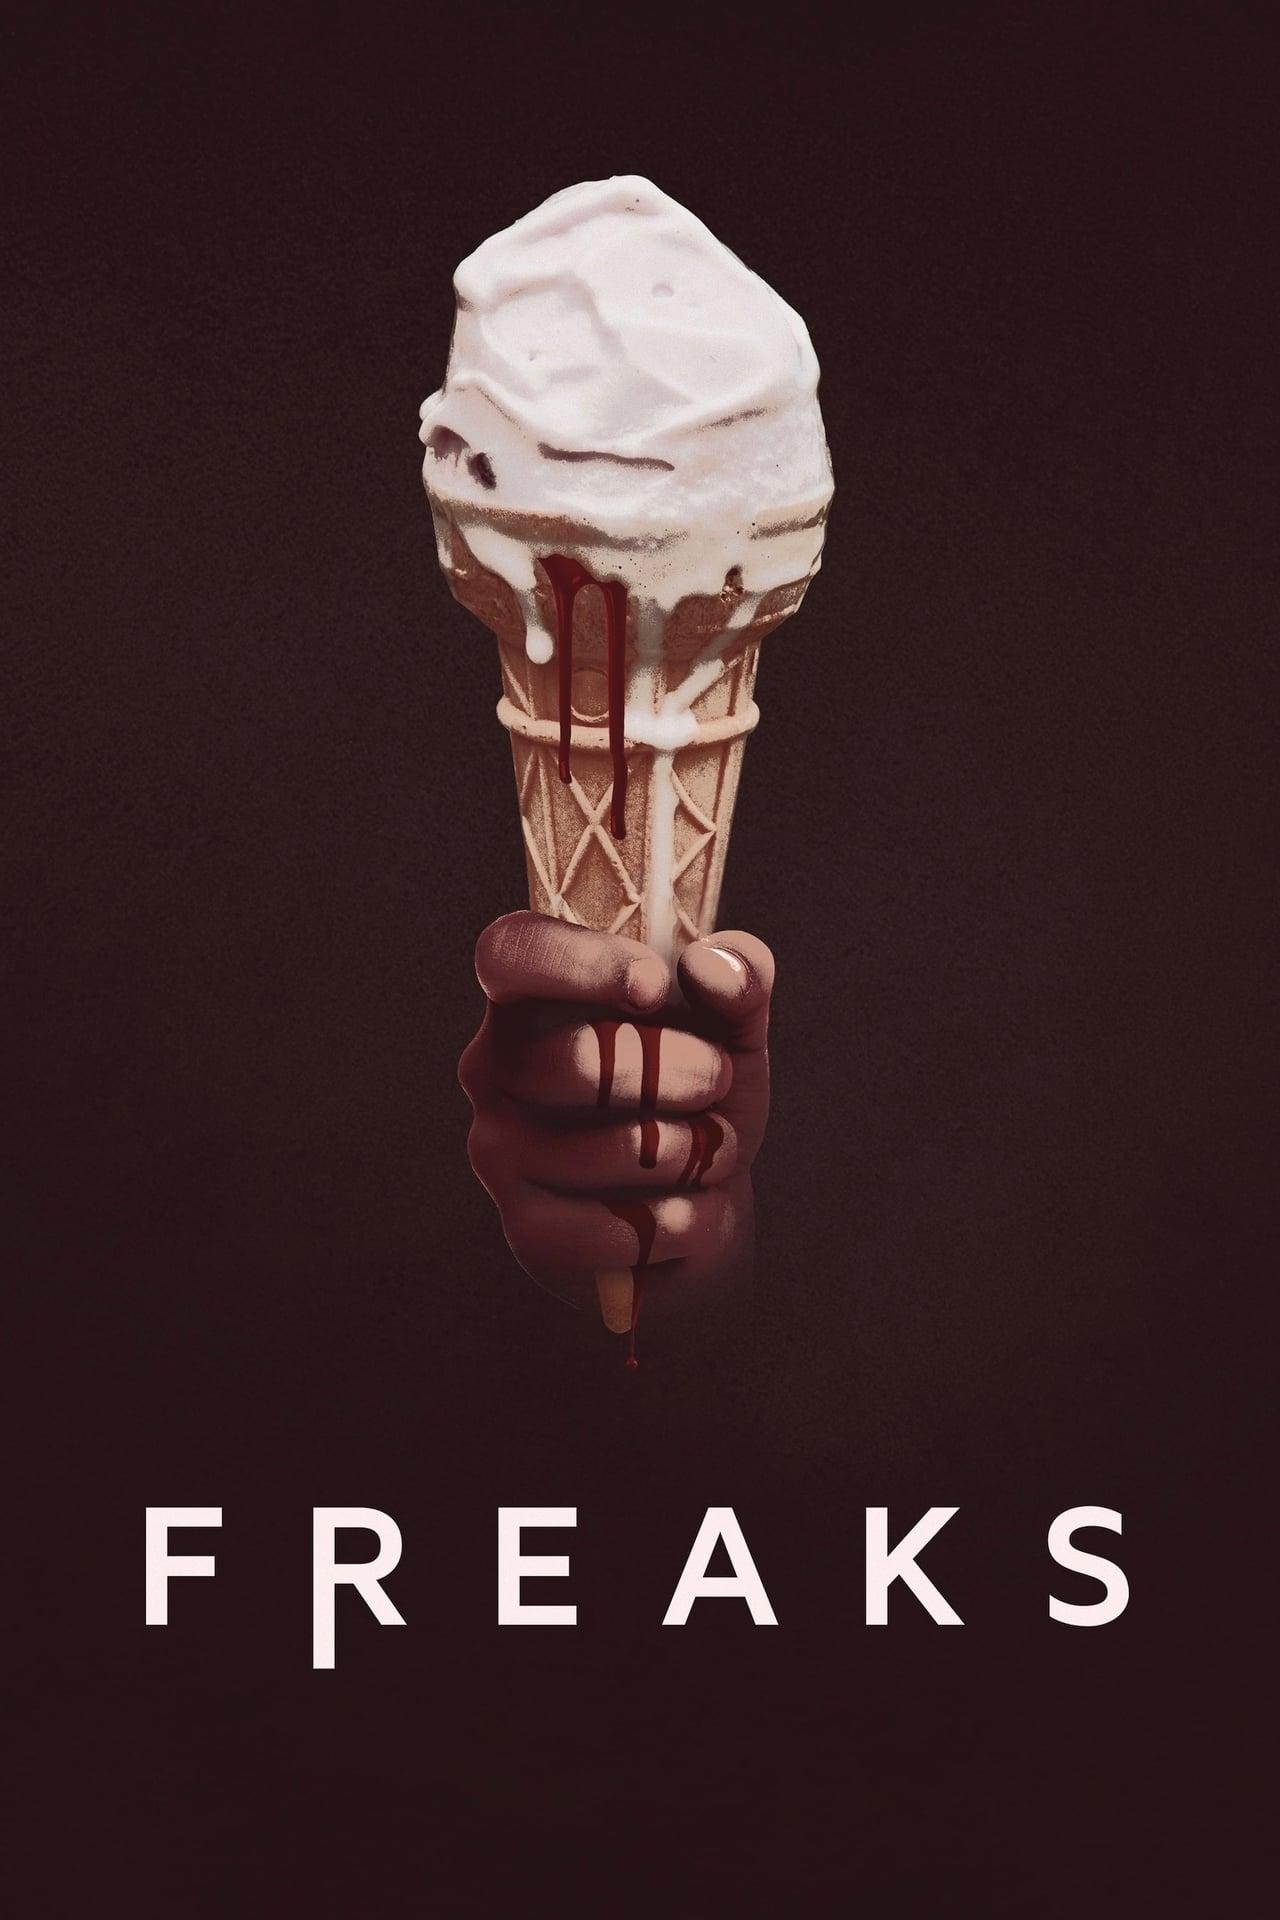 Freaks (2019)